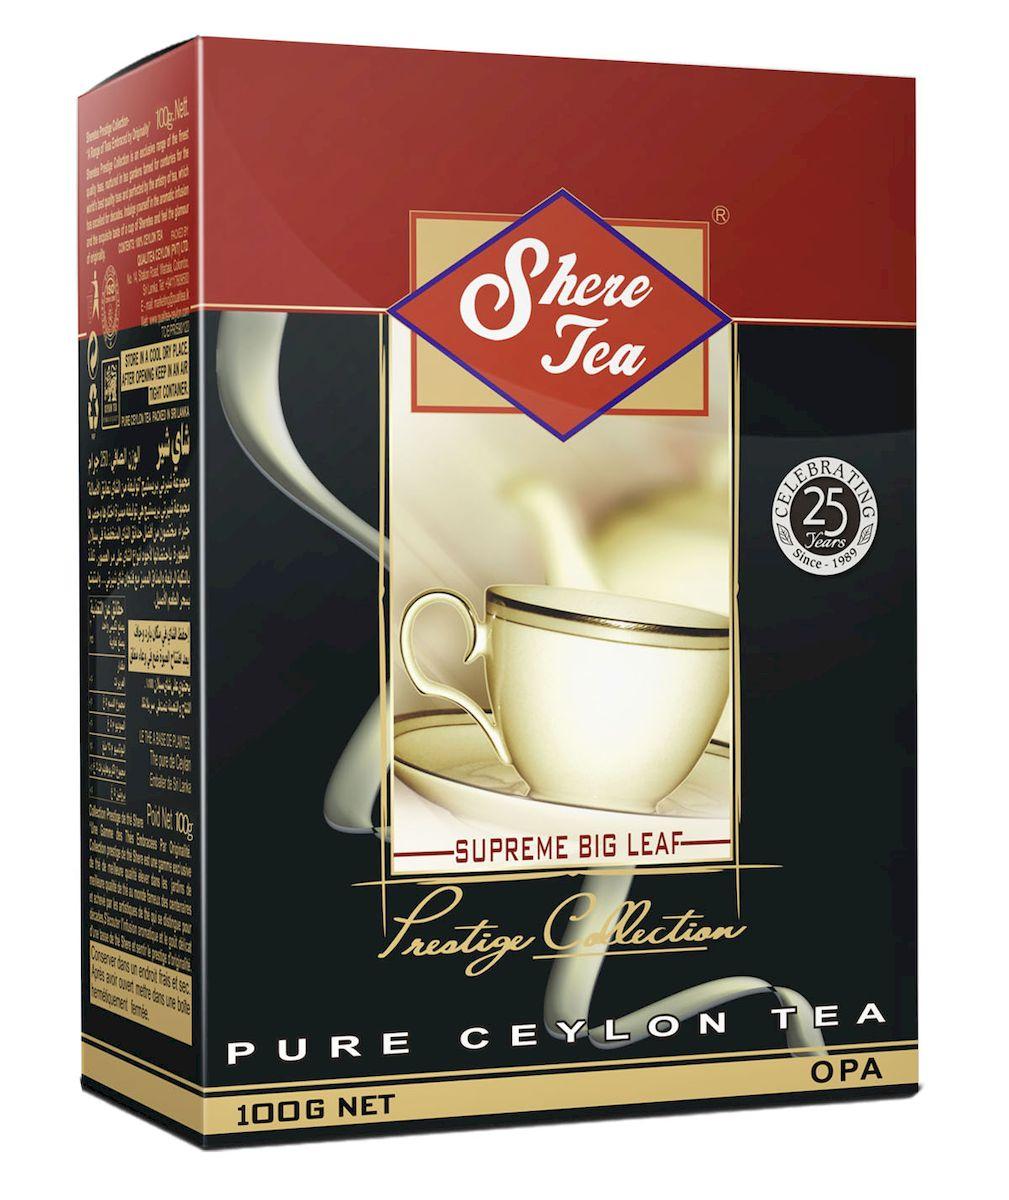 Shere Tea Престижная коллекция. OPА чай черный листовой, 100 г0120710Чай Шери престижная коллекция. Листья для этого чая собирают с кустов после того, как почки полностью раскрываются. Для этого сорта собирают первый и второй лист с ветки. В сухой заварке листья должны быть крупными (от 8 до 15 мм), однородными, хорошо скрученными. Этот сорт практически не содержит типсов.Этот сорт имеет достаточно высокое содержание ароматических масел, и поэтому настой чай очень ароматен. Также этот чай характерен вкусом с горчинкой благодаря большому содержанию дубильных веществ. Кофеина в этом чае немного меньше, так как в нем используют более взрослые листы, в которых содержание кофеина меньше, чем в типсах и молодых листах. Чай имеет яркий, прозрачный, интенсивный, настой. Аромат чая полный, приятный, выражен достаточно ярко.